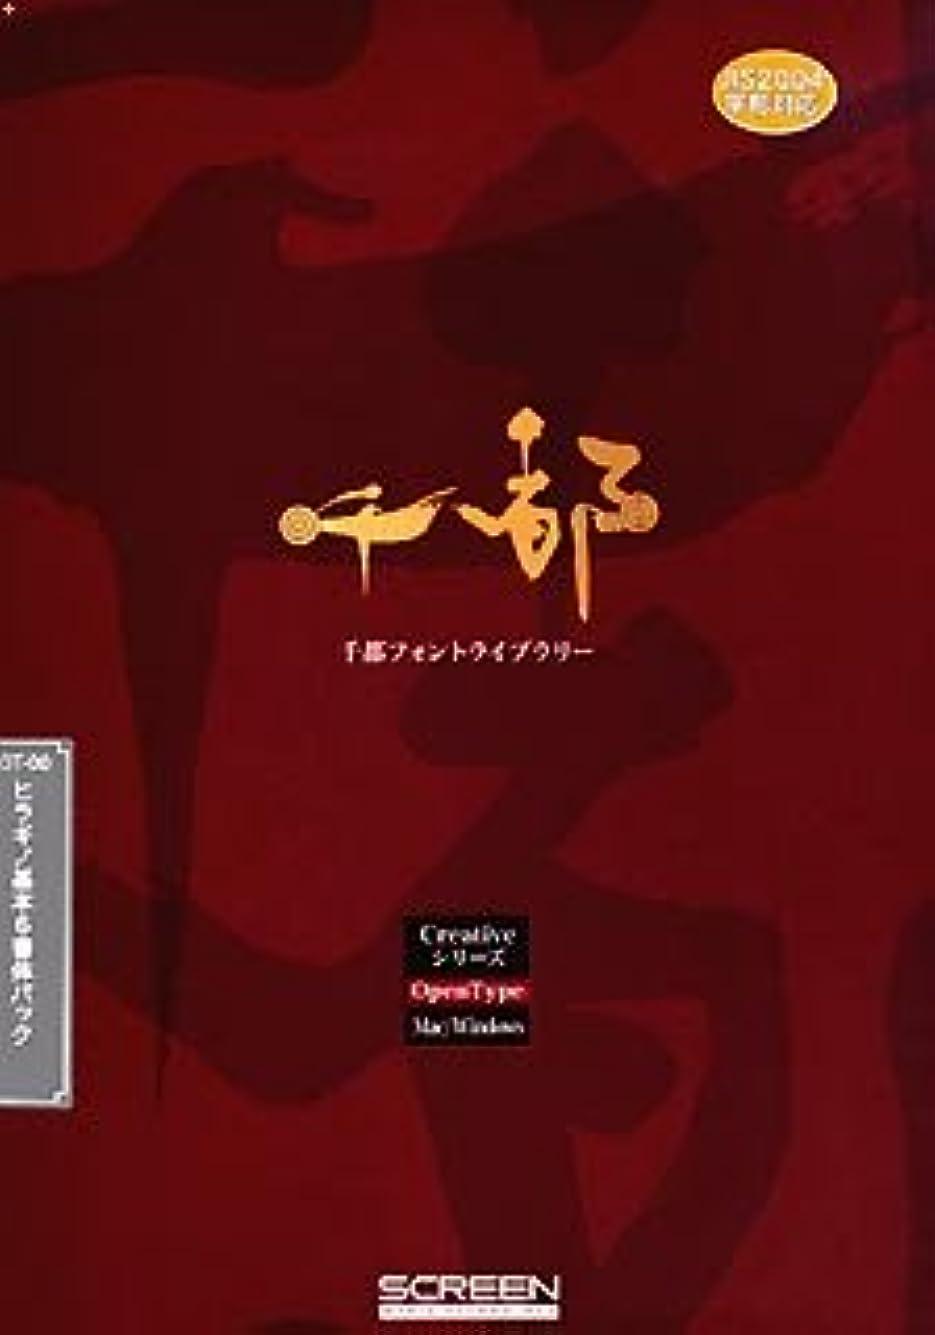 労働者ゆりベリ千都フォントライブラリー Creativeシリーズ OpenType OT-00 ヒラギノ基本6書体パック Ver.8.0